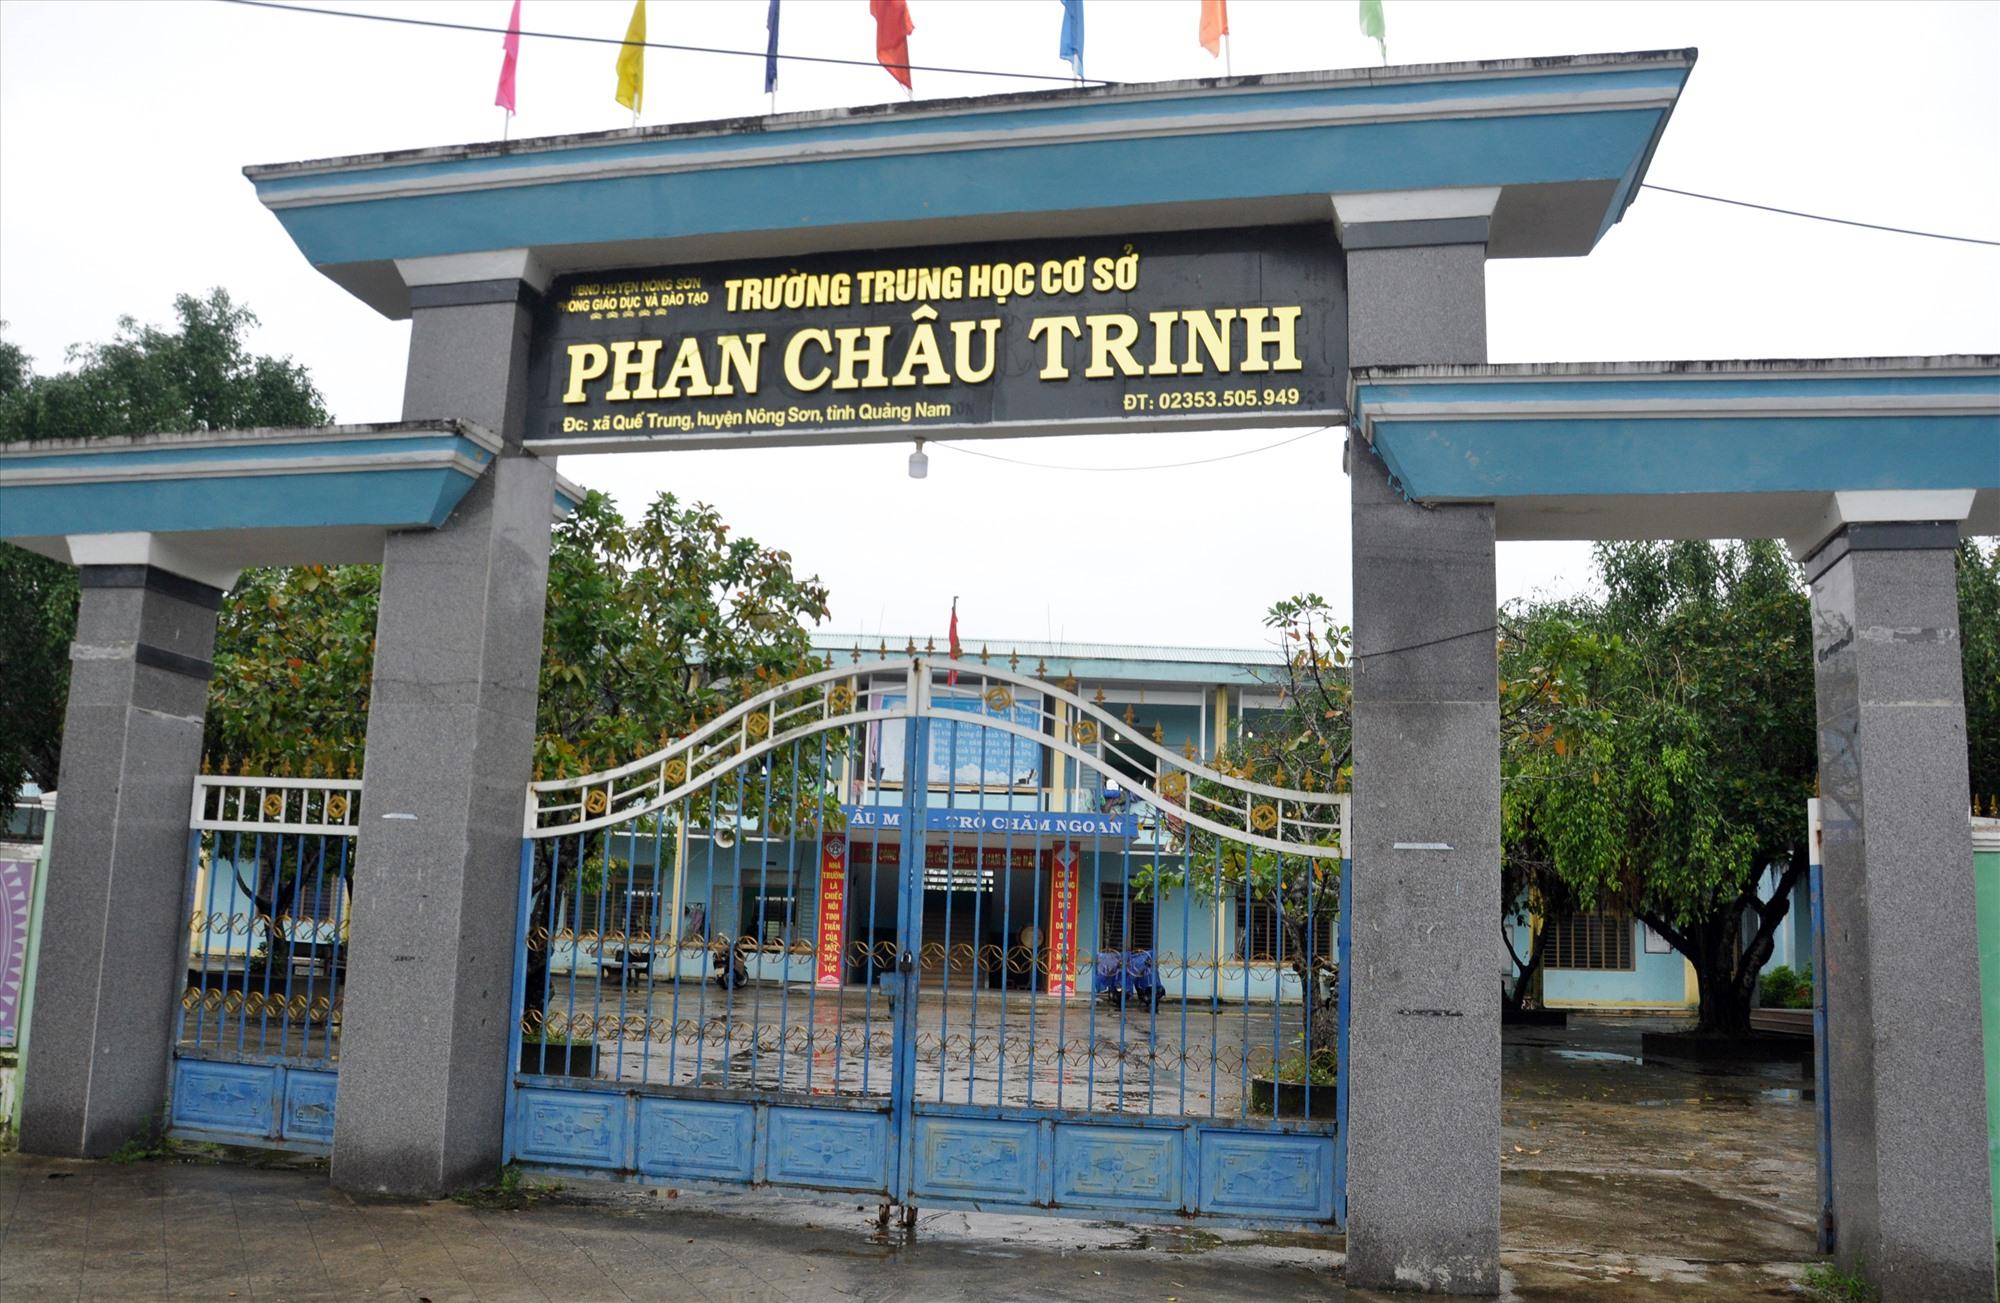 Trường THCS Phan Châu Trinh - nơi cô Ngô Thị Liên Hòa giảng dạy. Ảnh: X.P